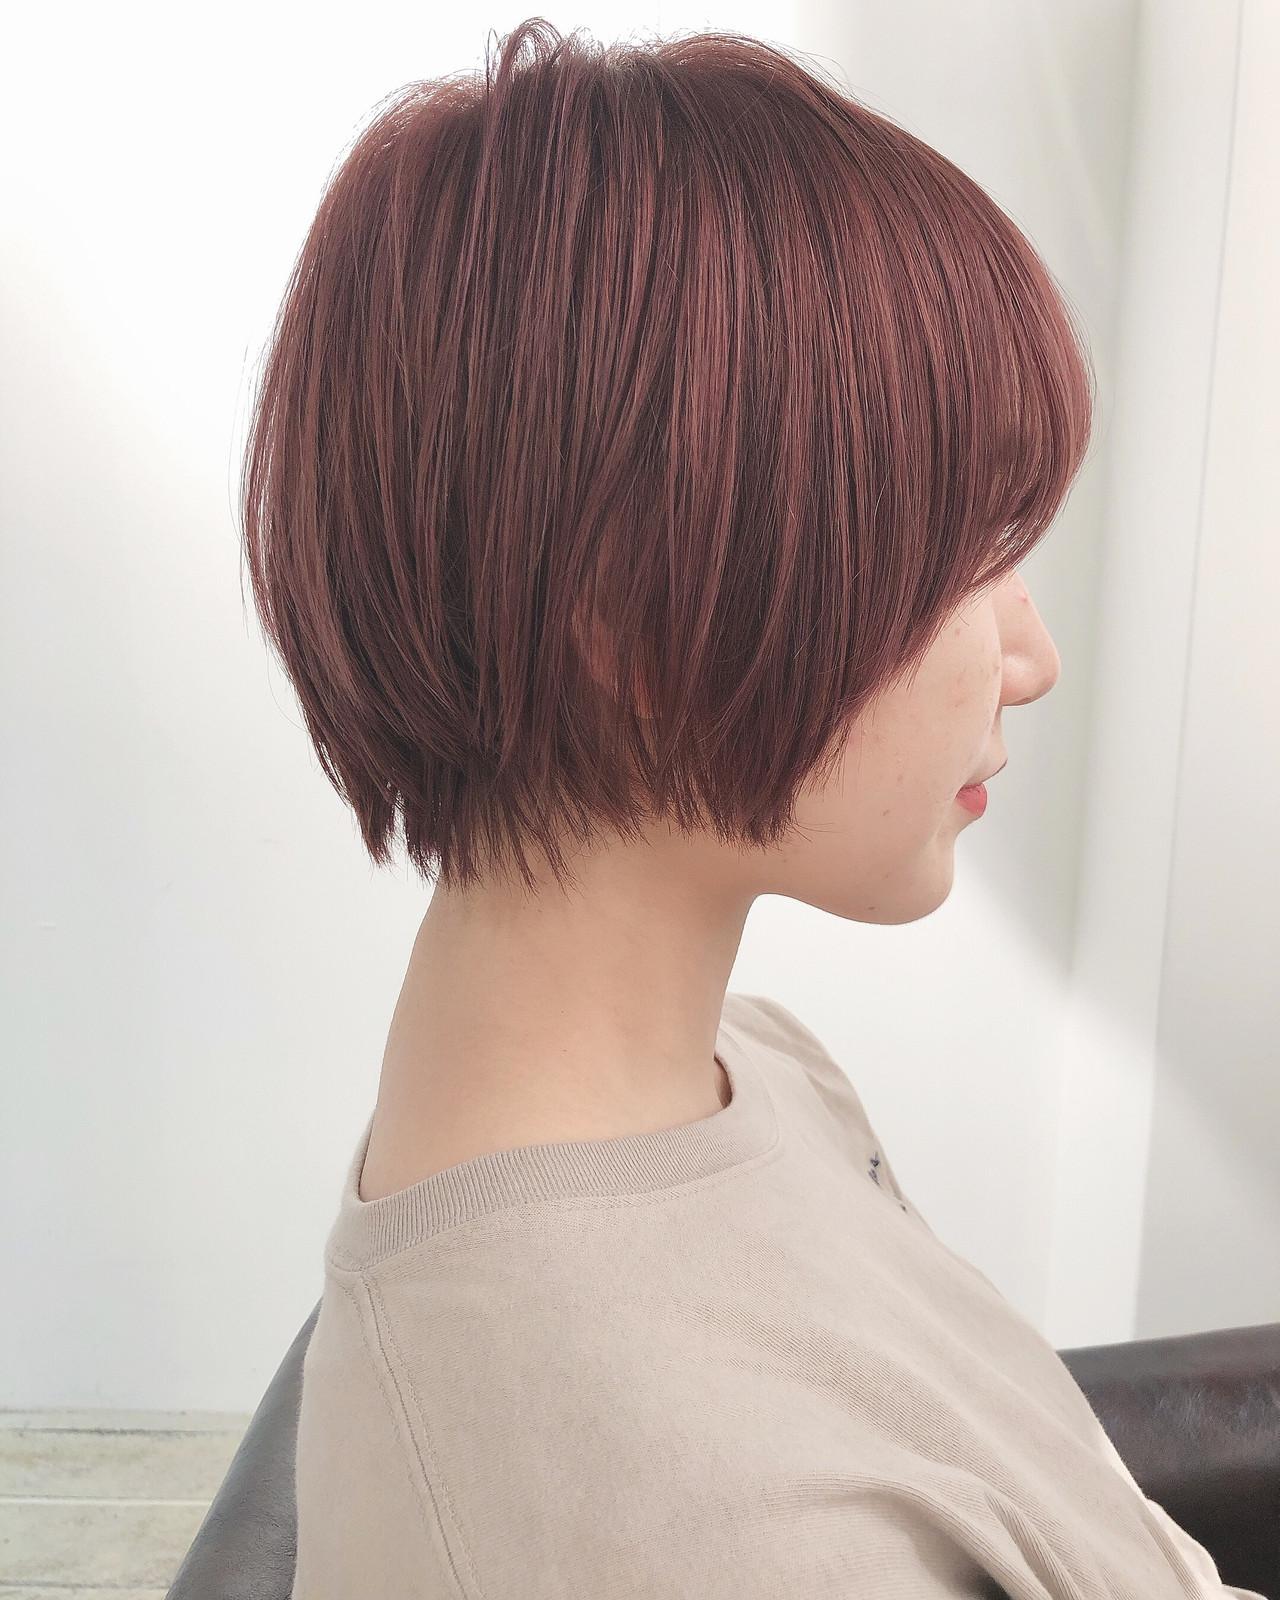 ピンクアッシュ ナチュラル ピンク ラベンダーピンク ヘアスタイルや髪型の写真・画像